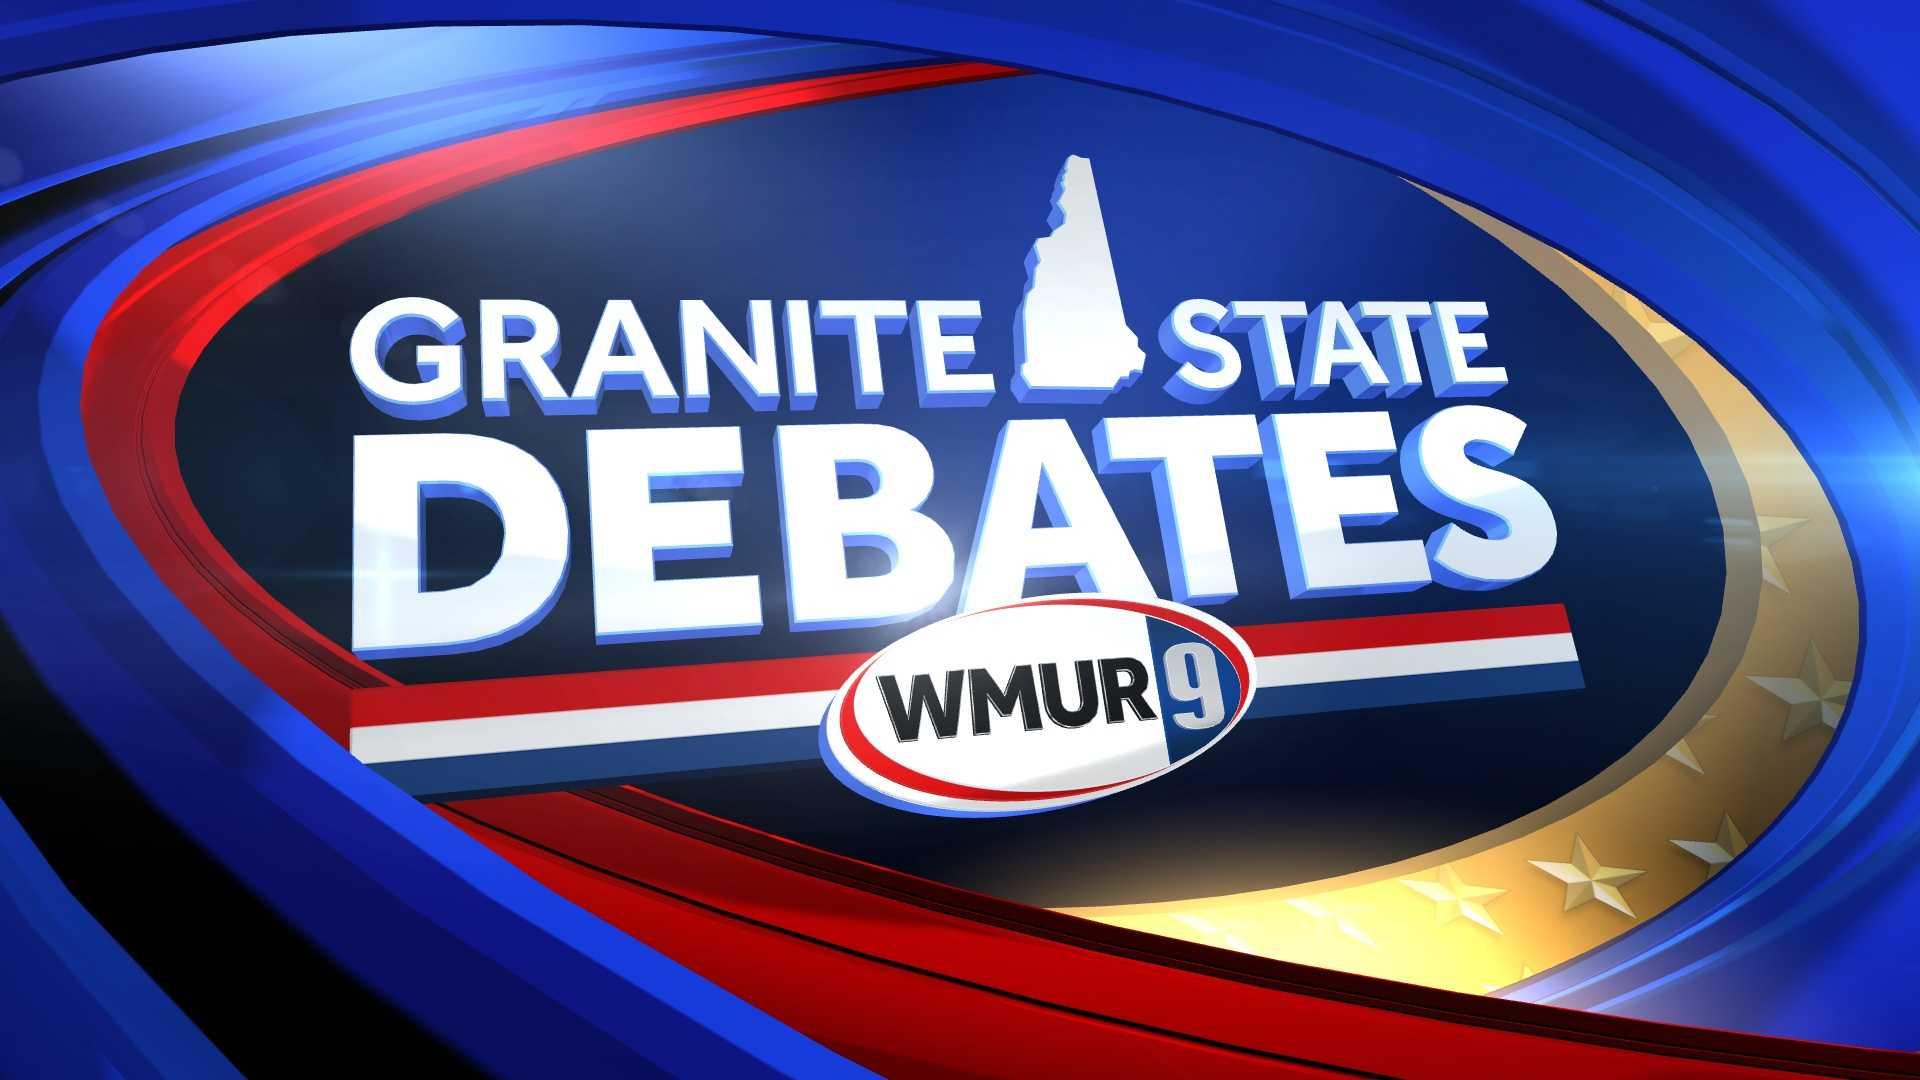 Granite State Debates